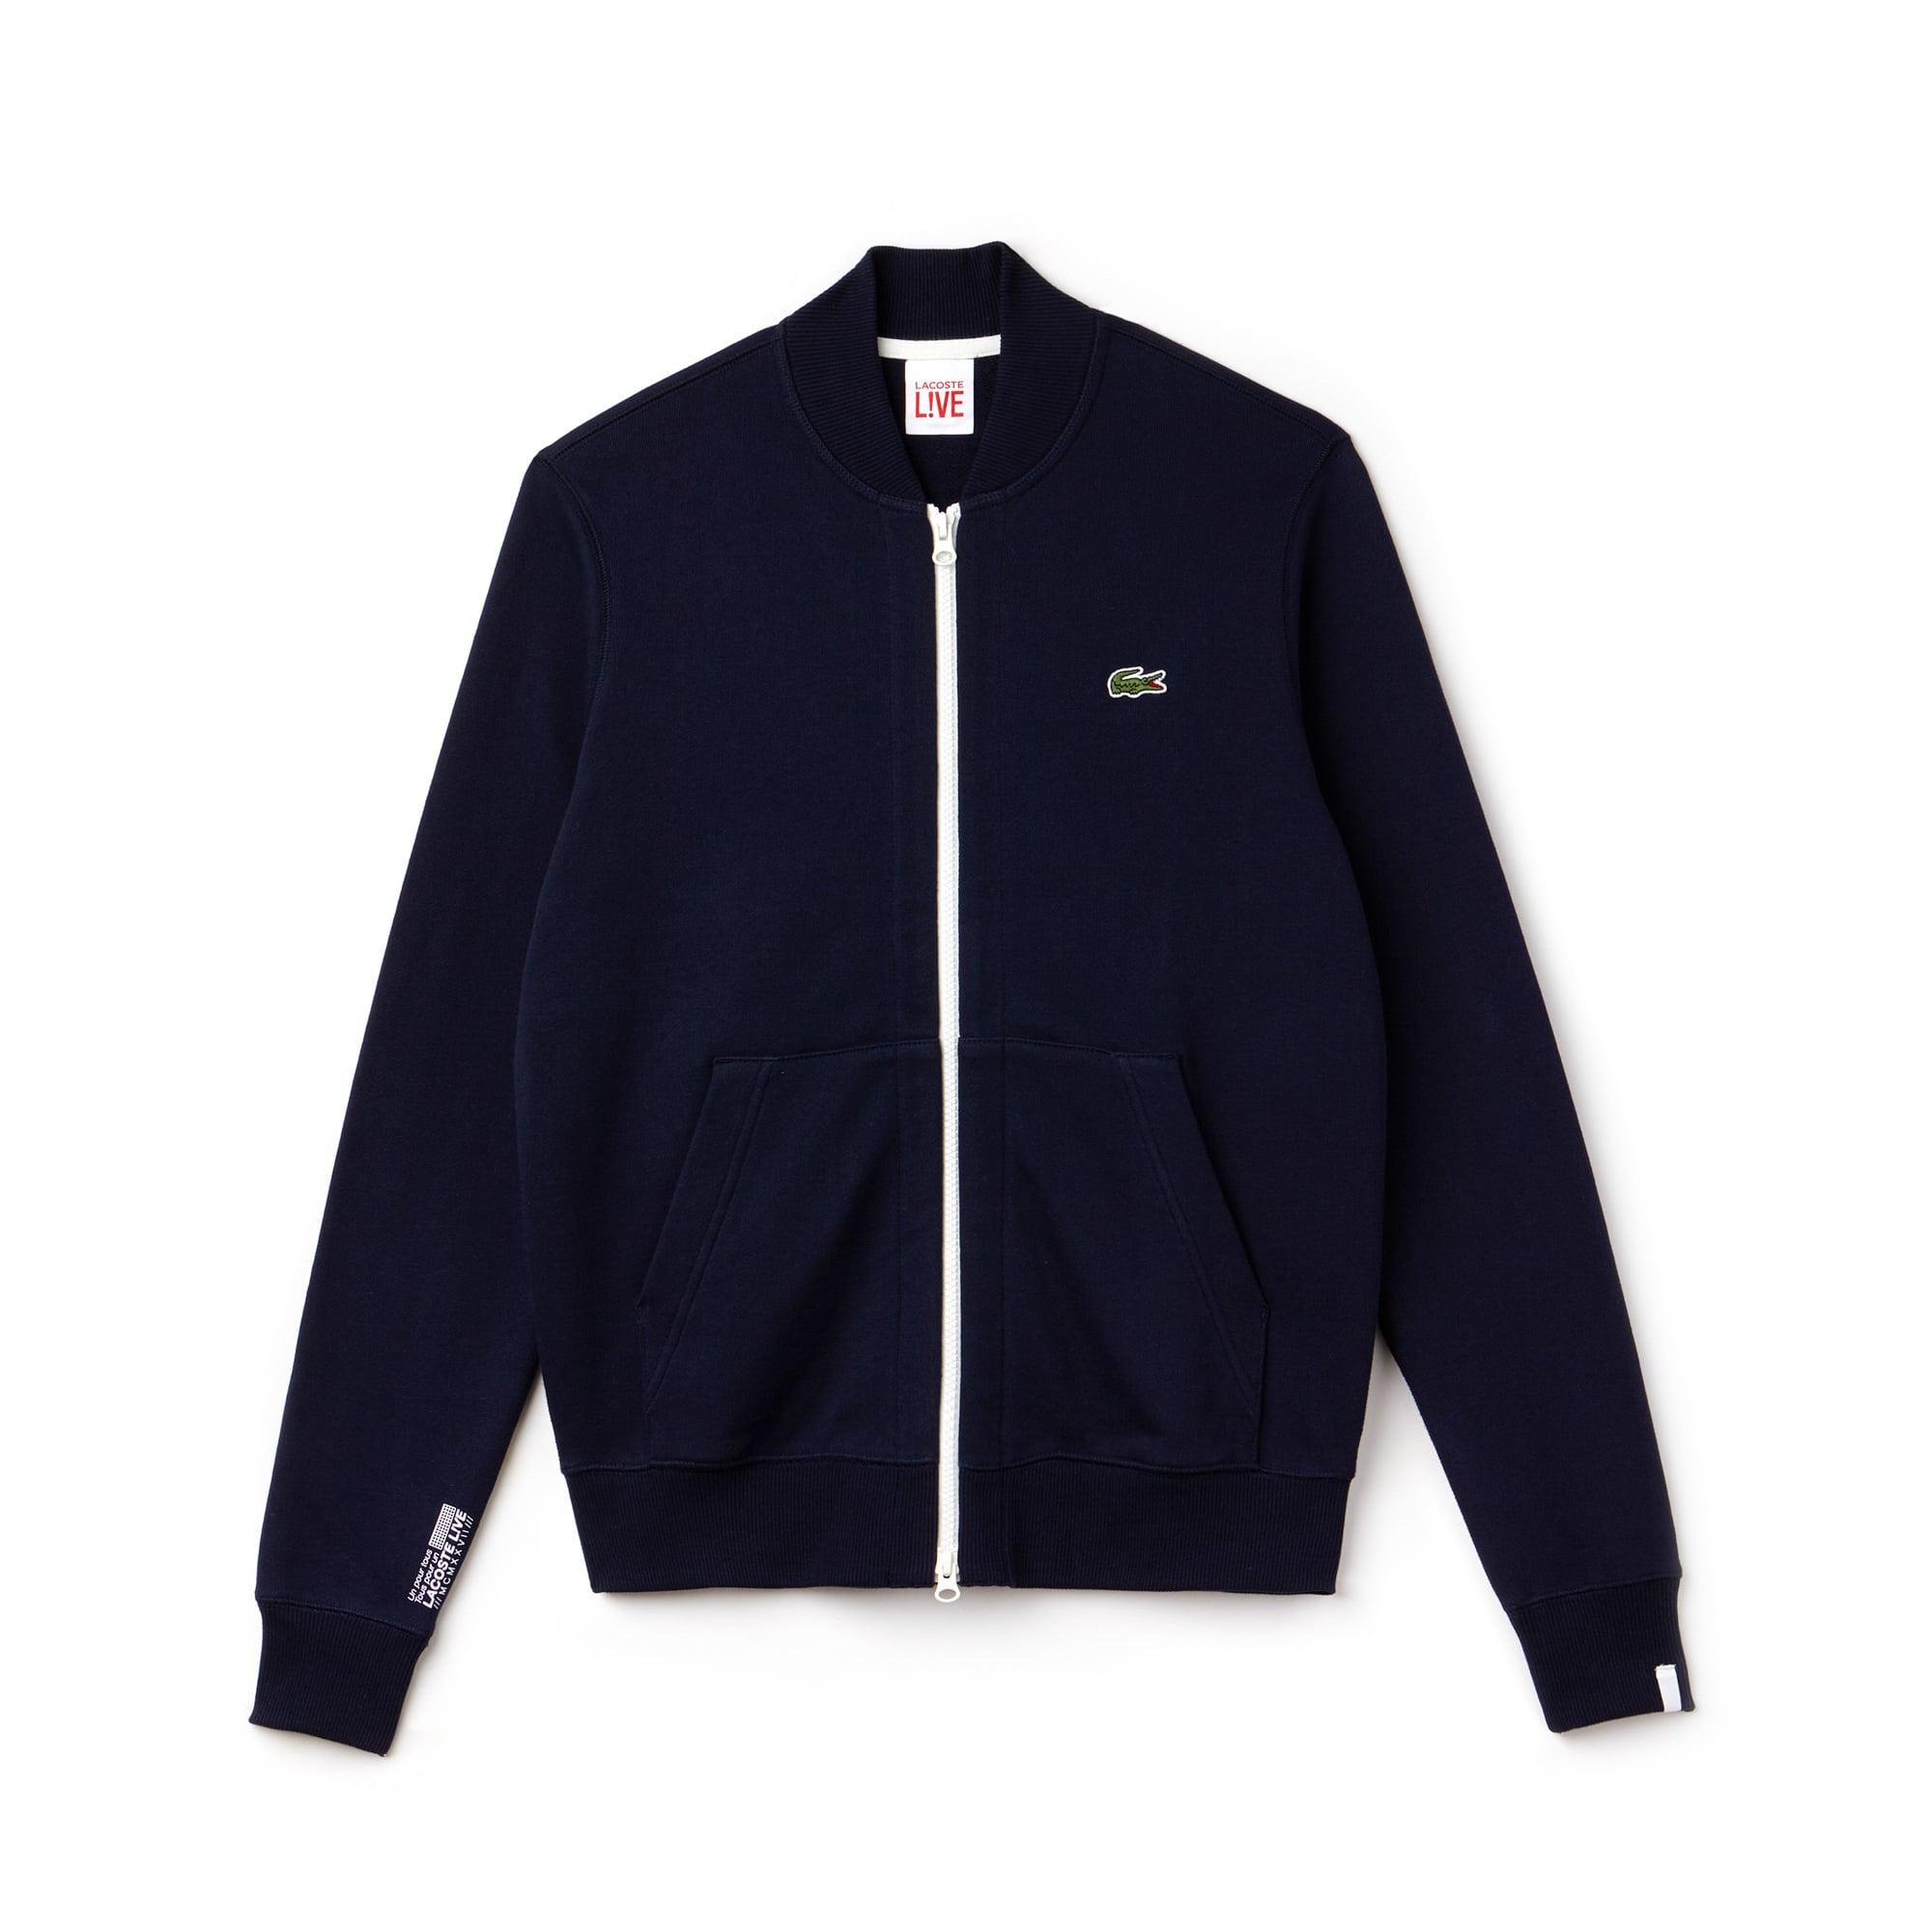 Unisex Lacoste LIVE Zip Bomber Neck Fleece Sweatshirt